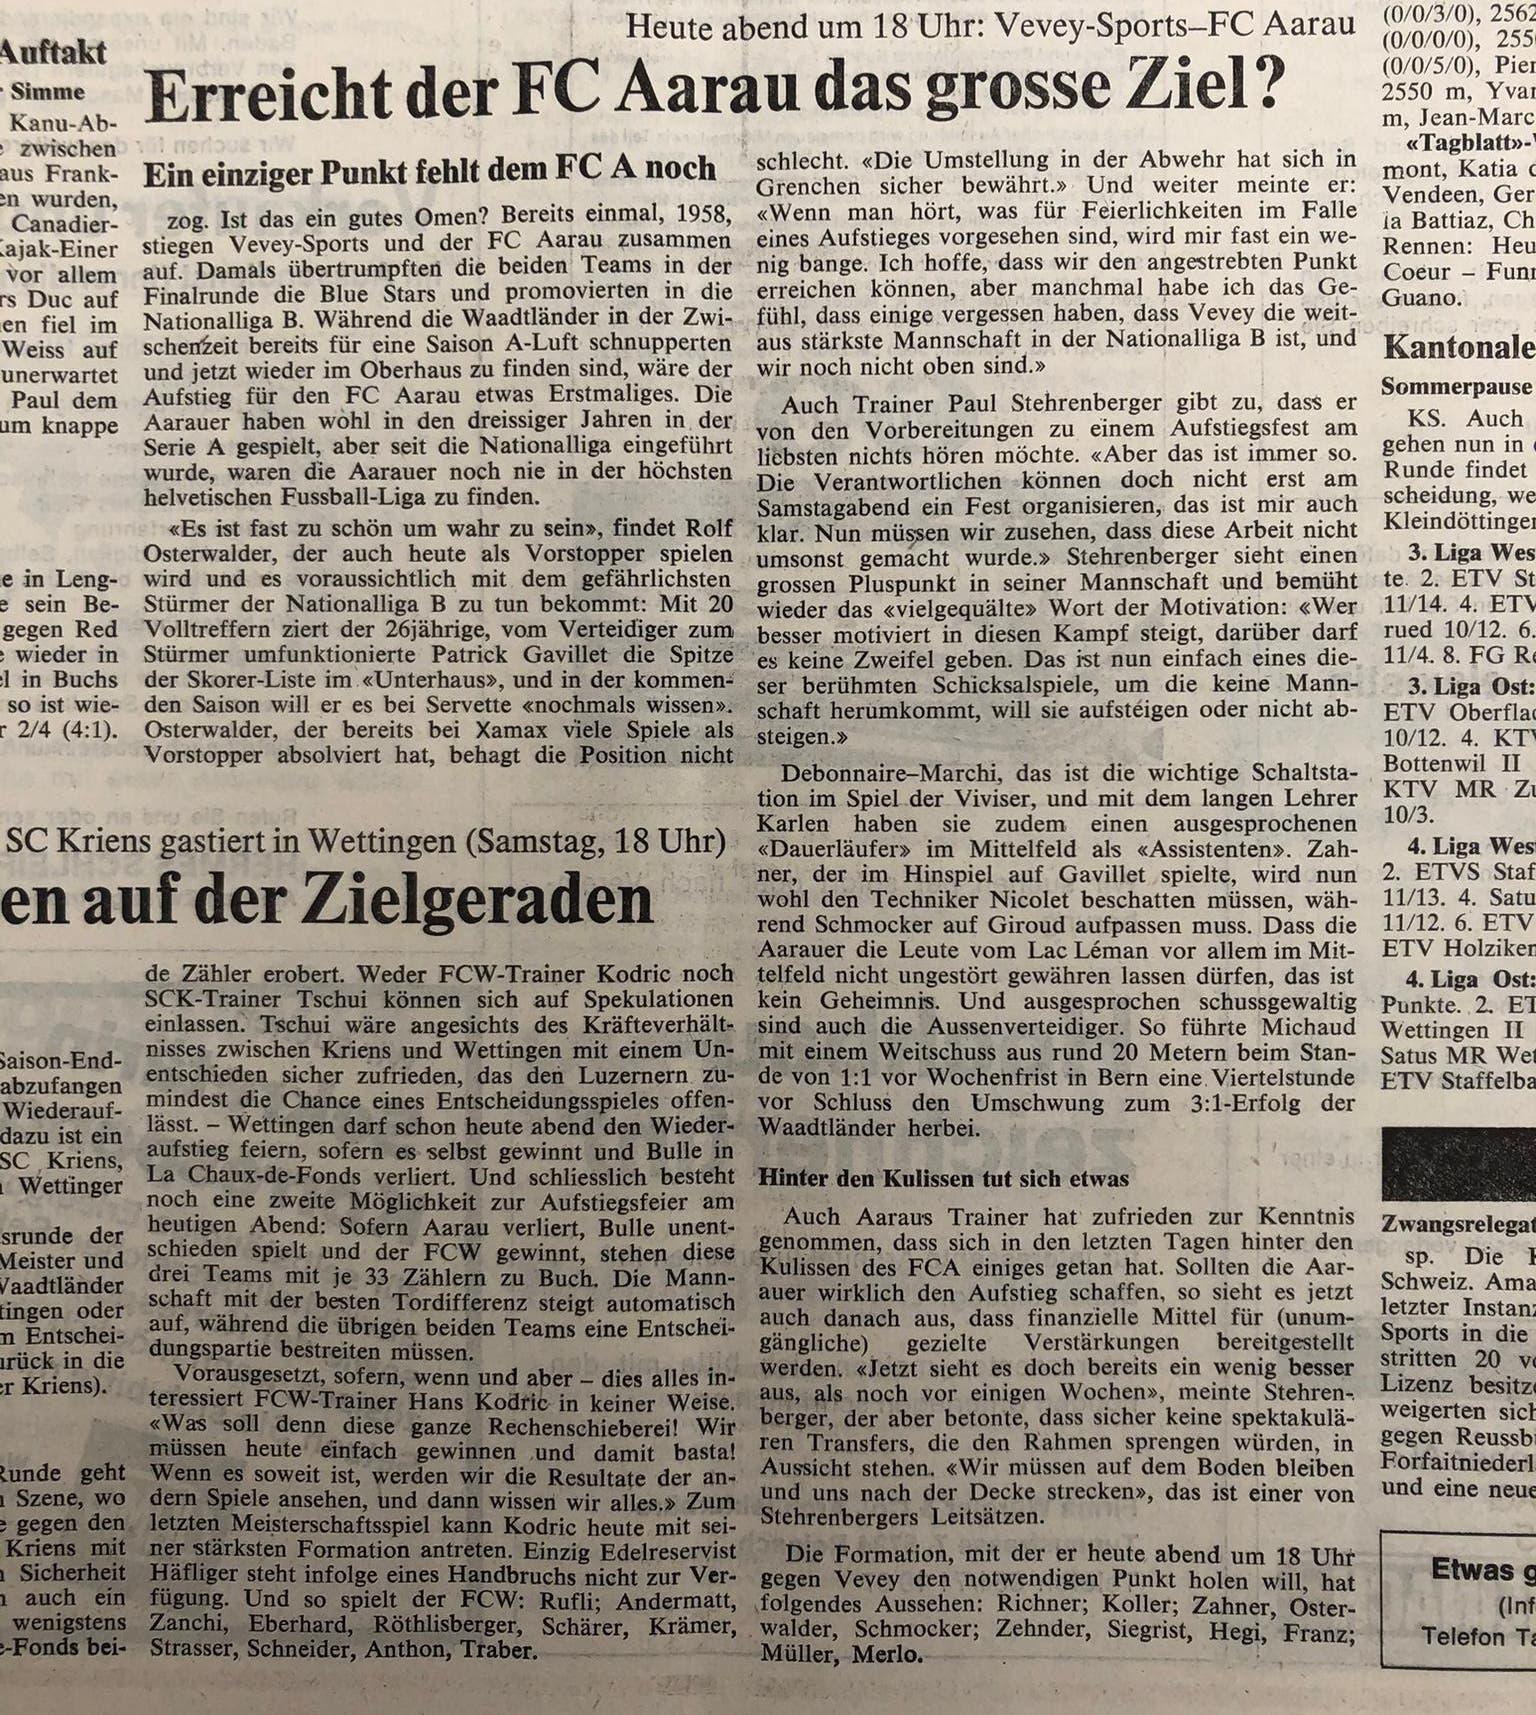 """Die Matchvorschau im """"AT"""" am 13. Juni 1981"""